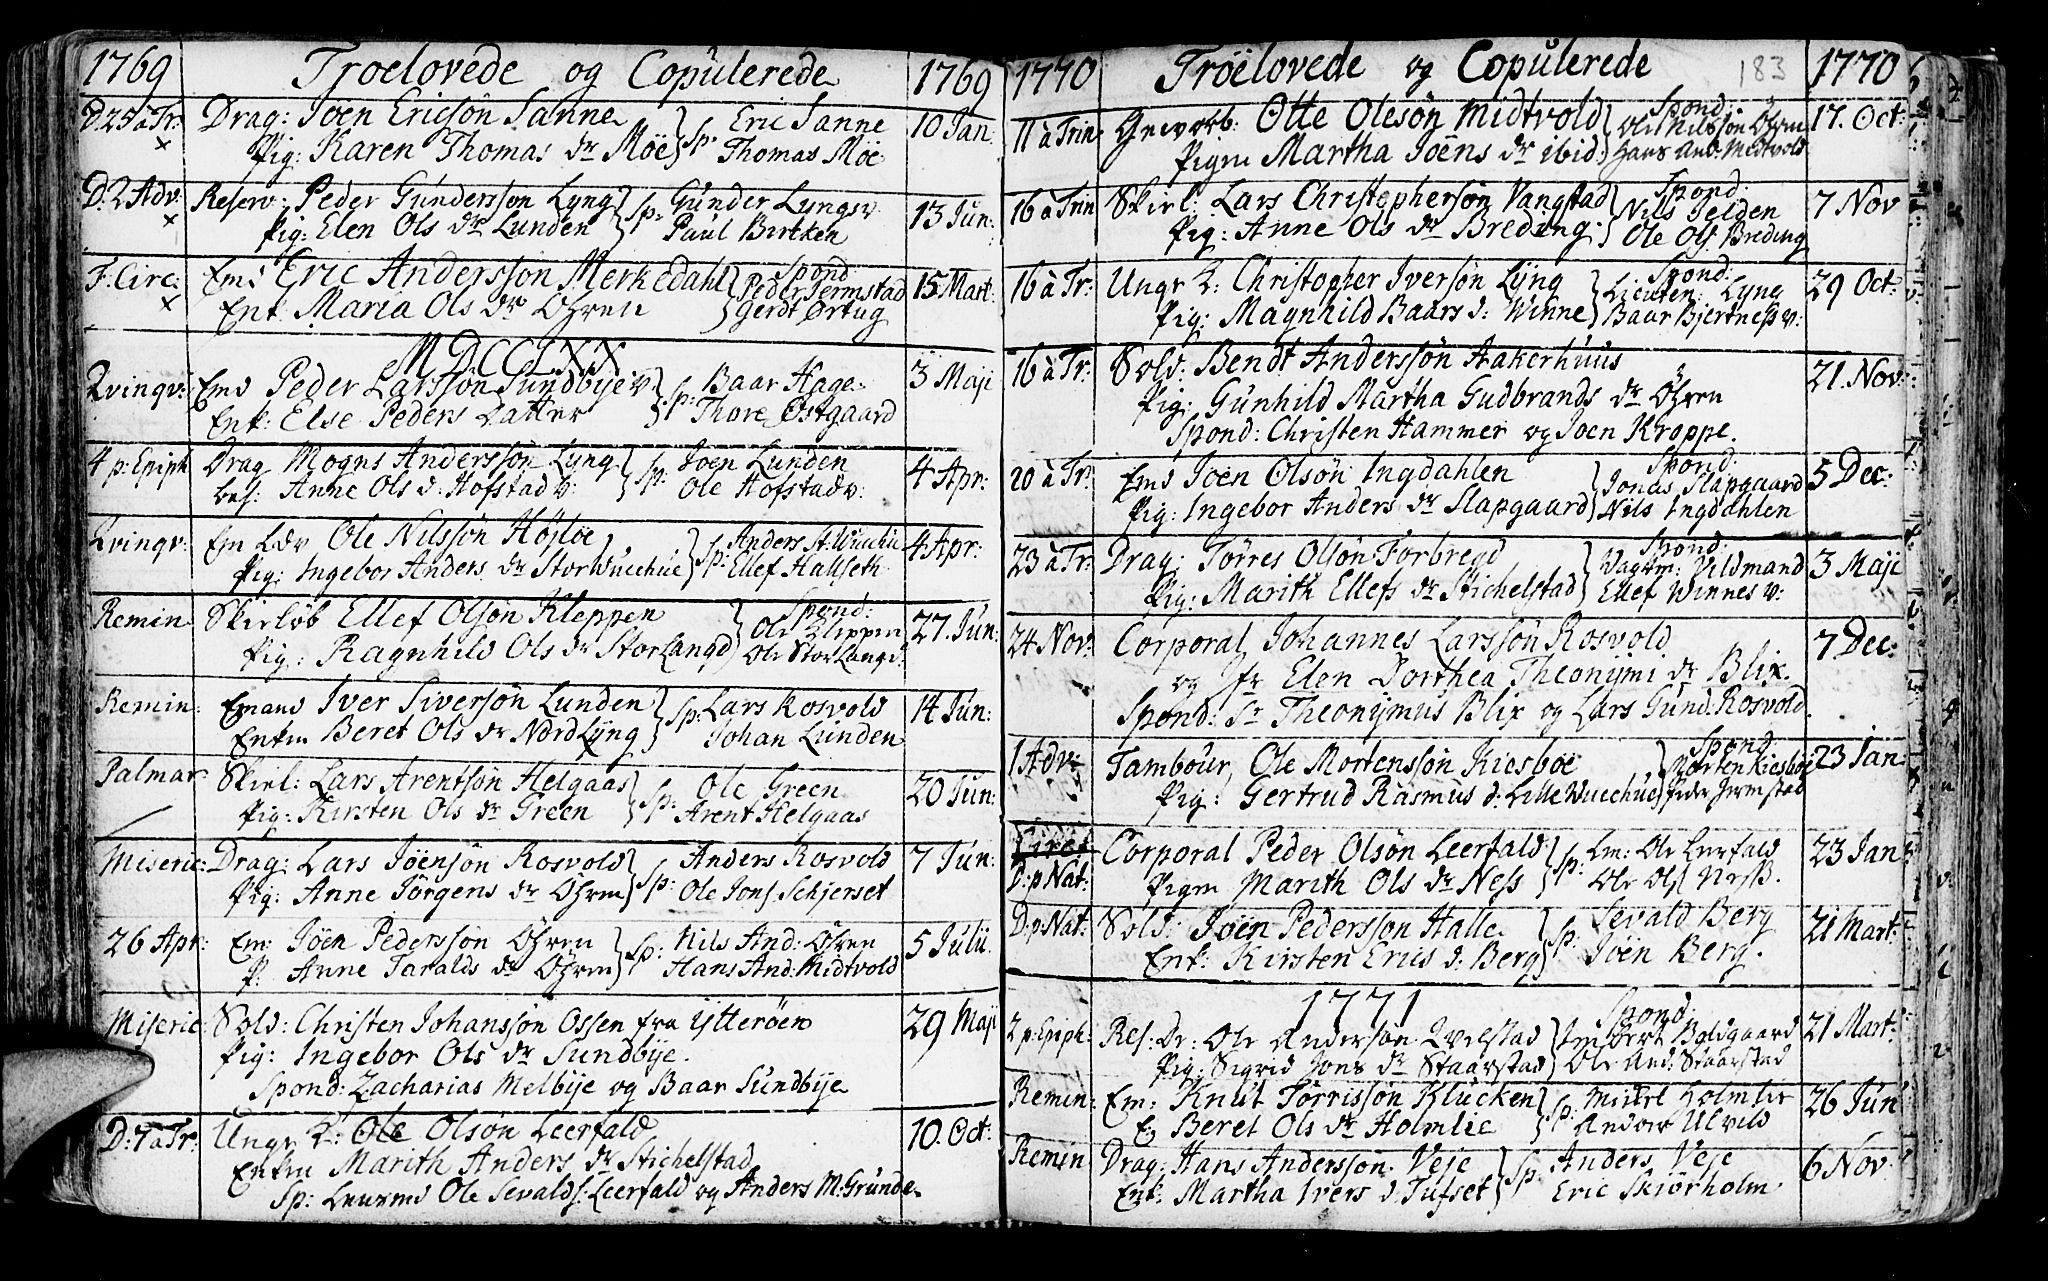 SAT, Ministerialprotokoller, klokkerbøker og fødselsregistre - Nord-Trøndelag, 723/L0231: Ministerialbok nr. 723A02, 1748-1780, s. 183